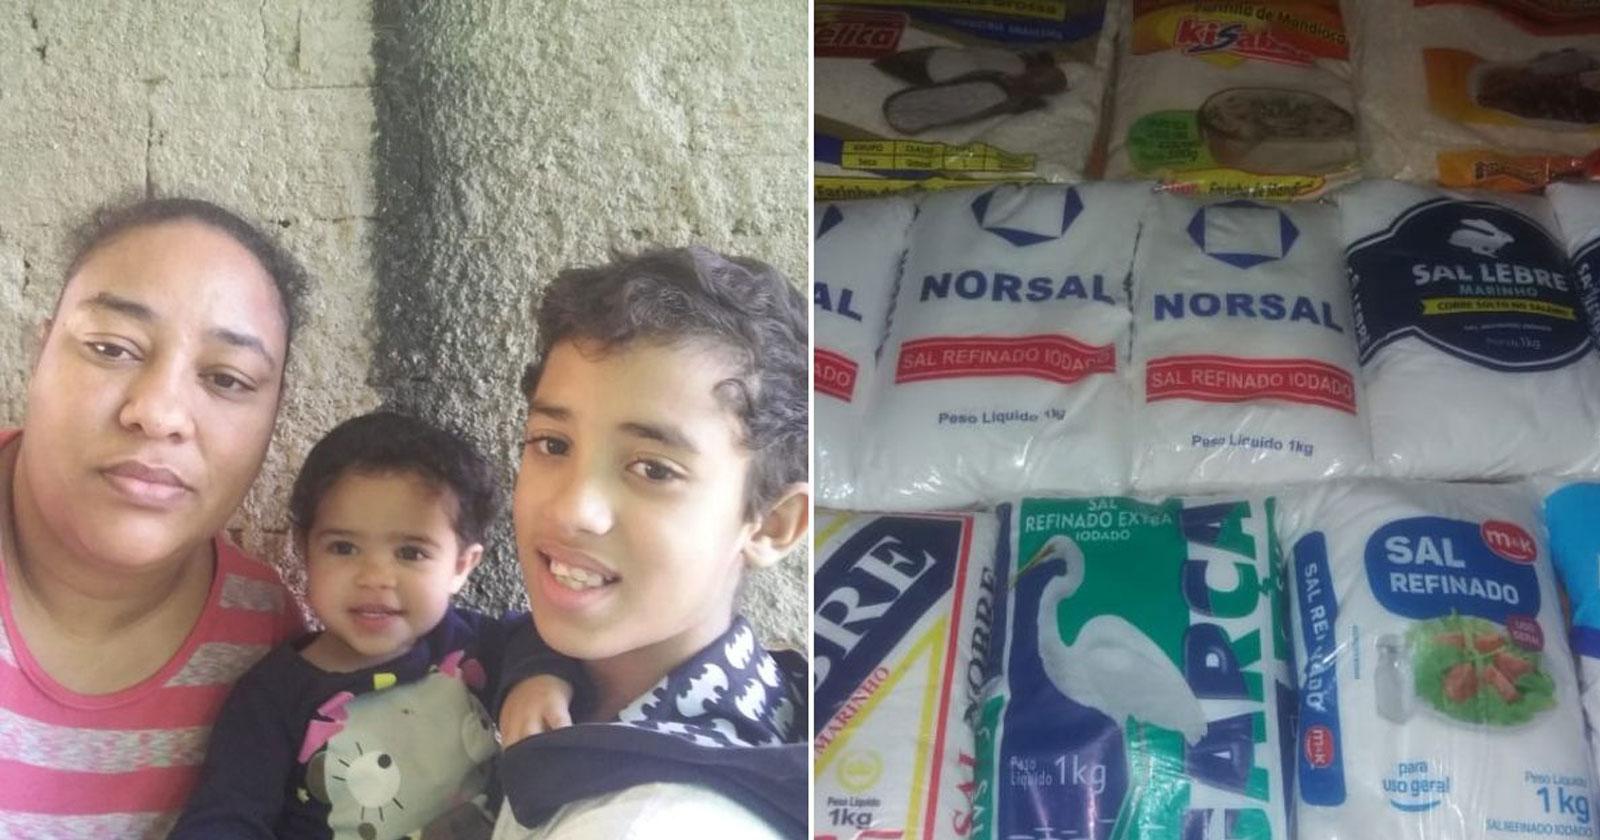 No lugar de cesta básica, família ganha 'vários pacotes de sal', comove internautas e recebe R$ 46 mil em doações 1